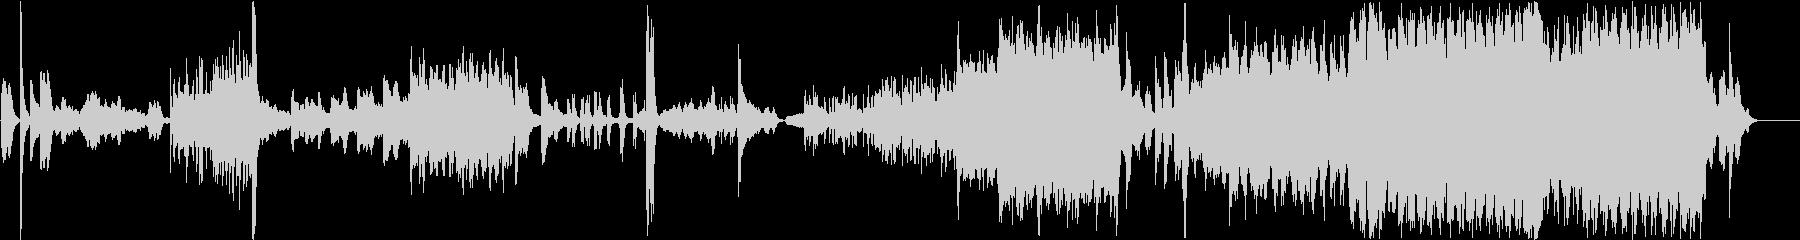 現代の交響曲 劇的な 神経質 ファ...の未再生の波形